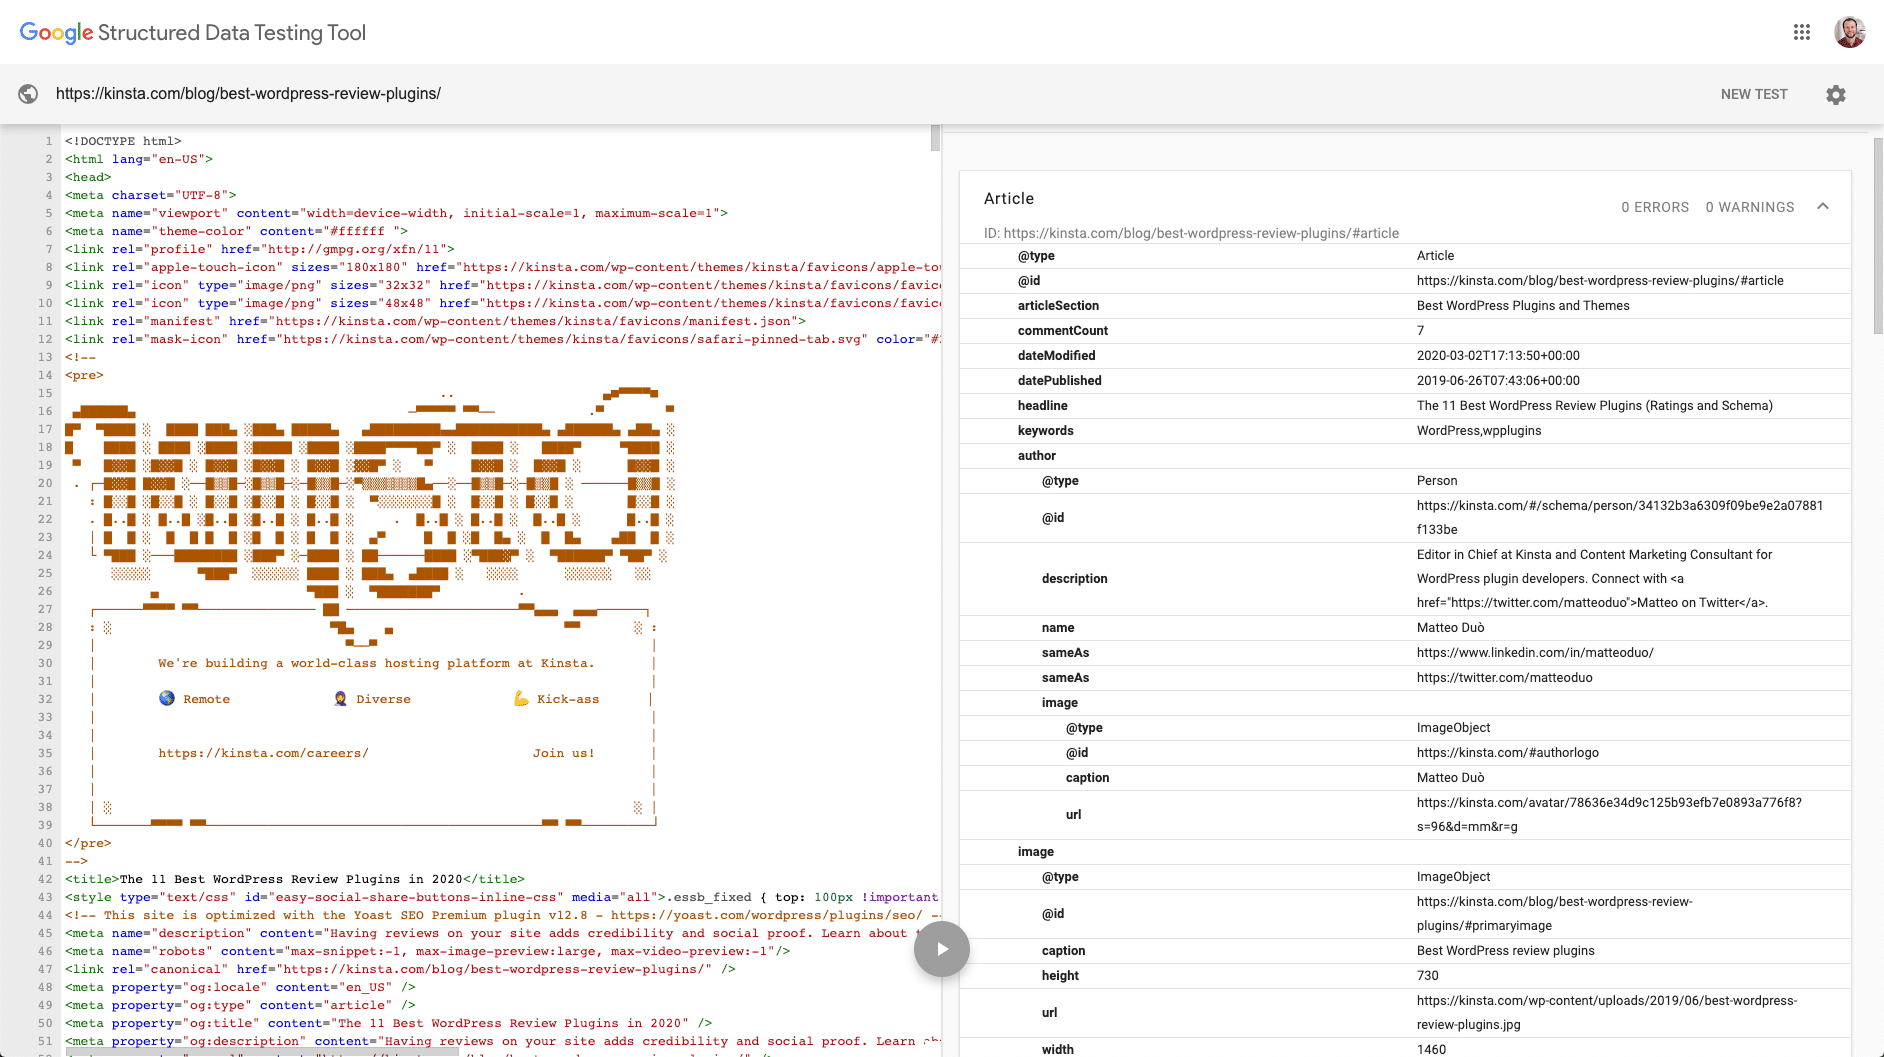 Esquema de datos estructurados de Google